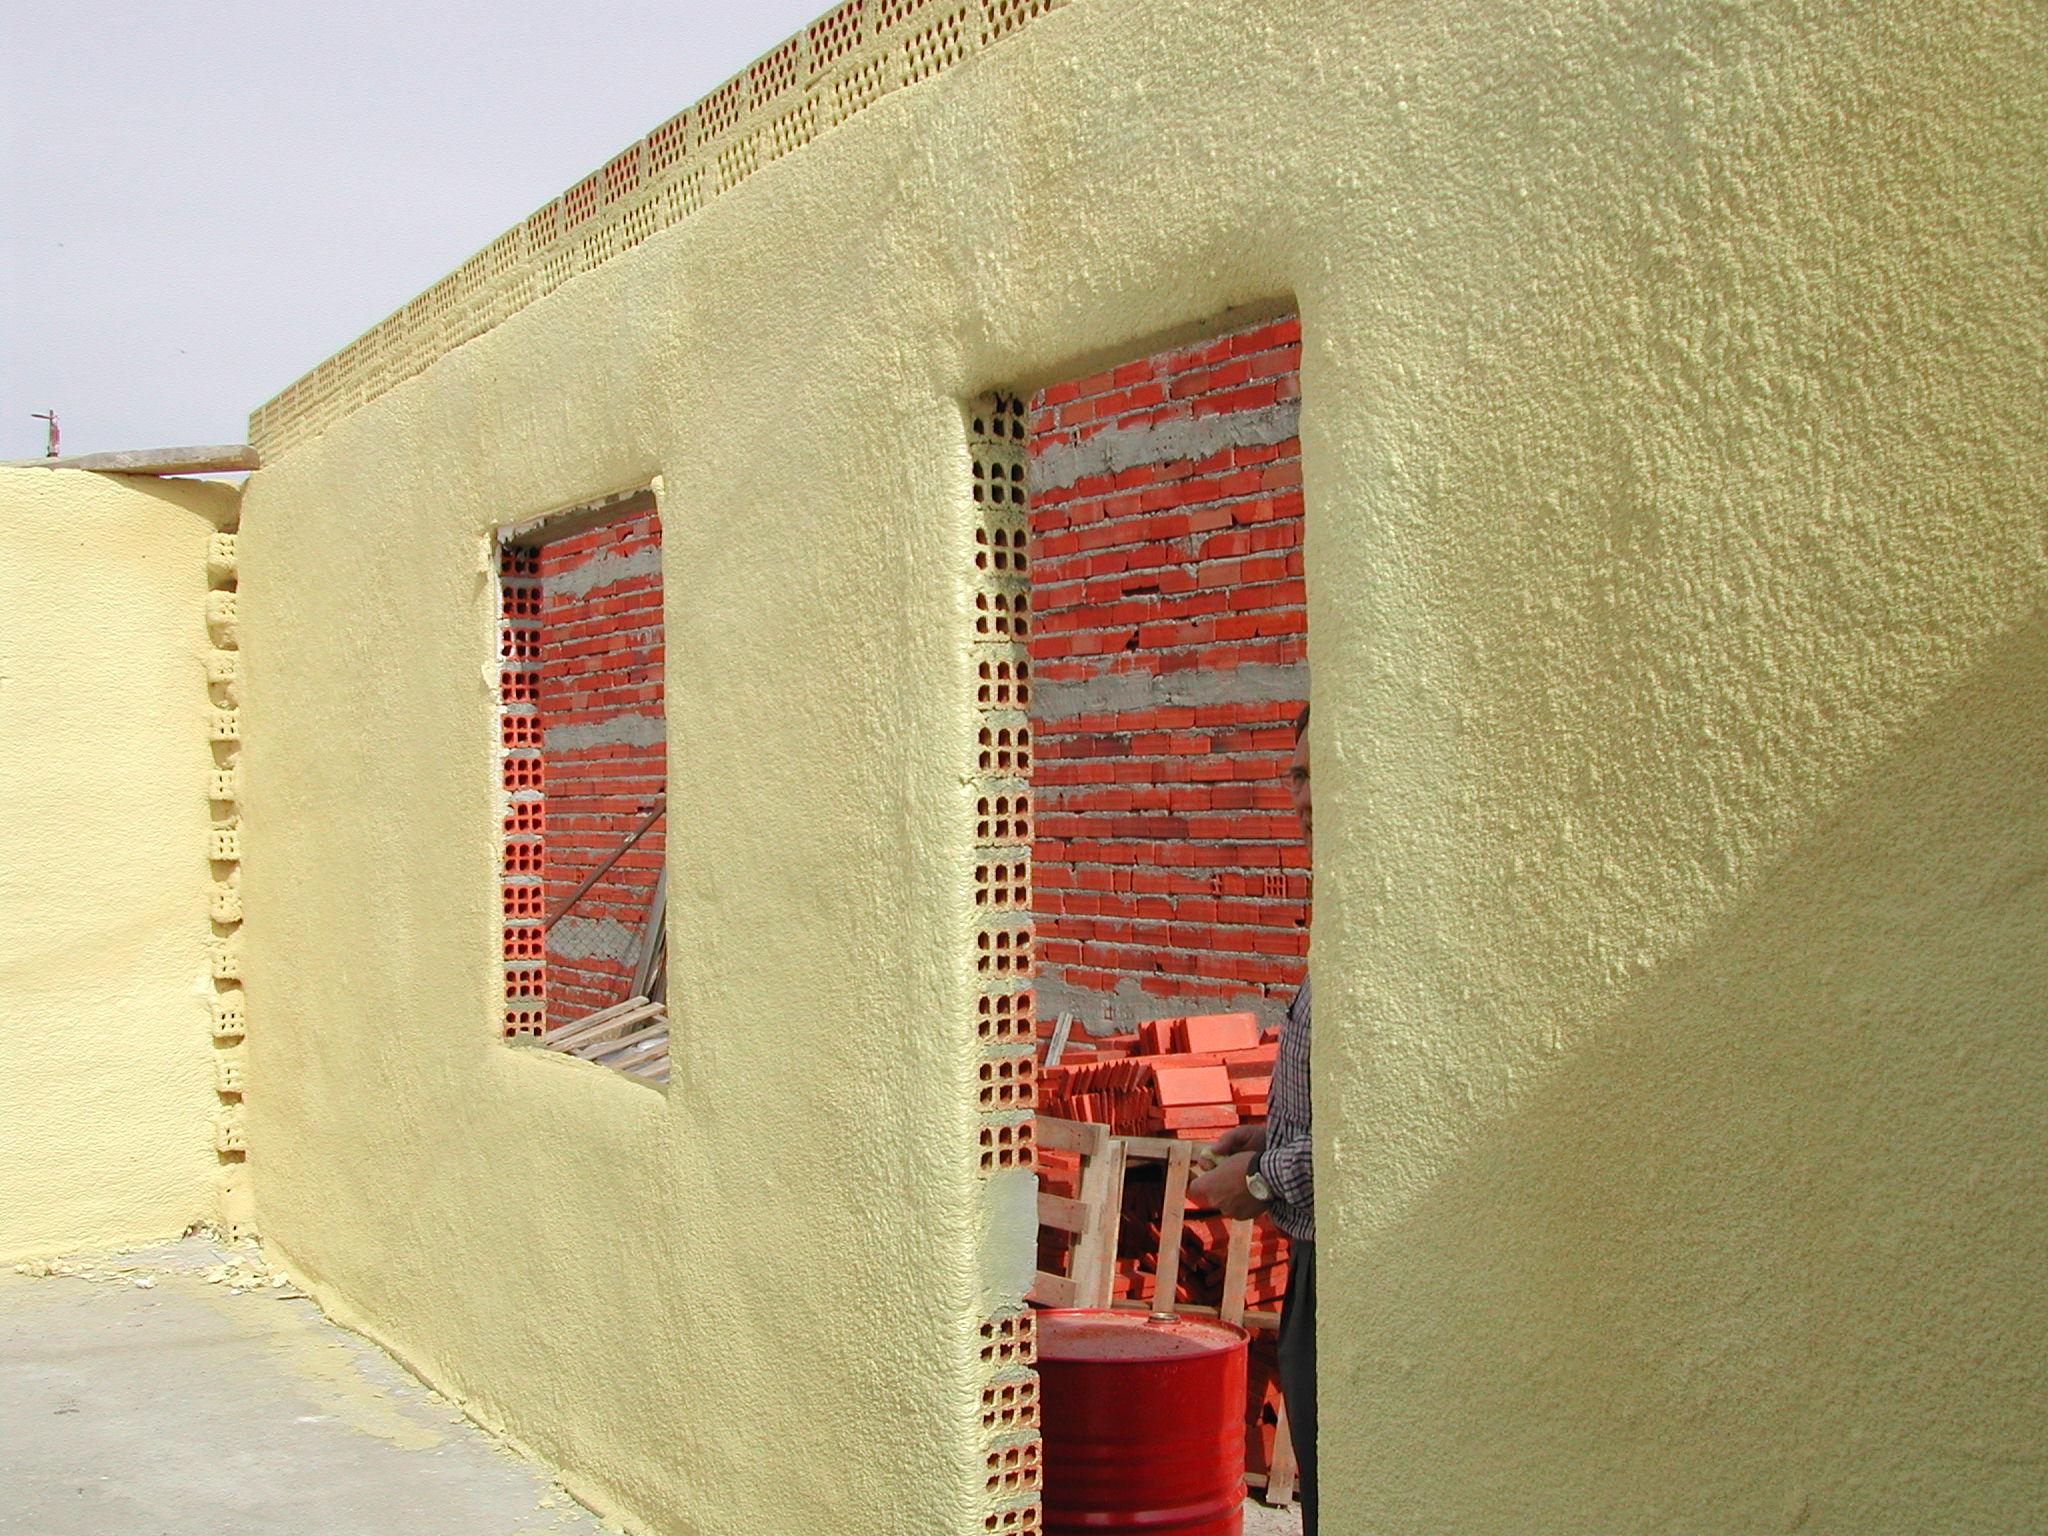 Aislamiento t rmico con poliuretano construcci n - Aislamiento termico para casas ...